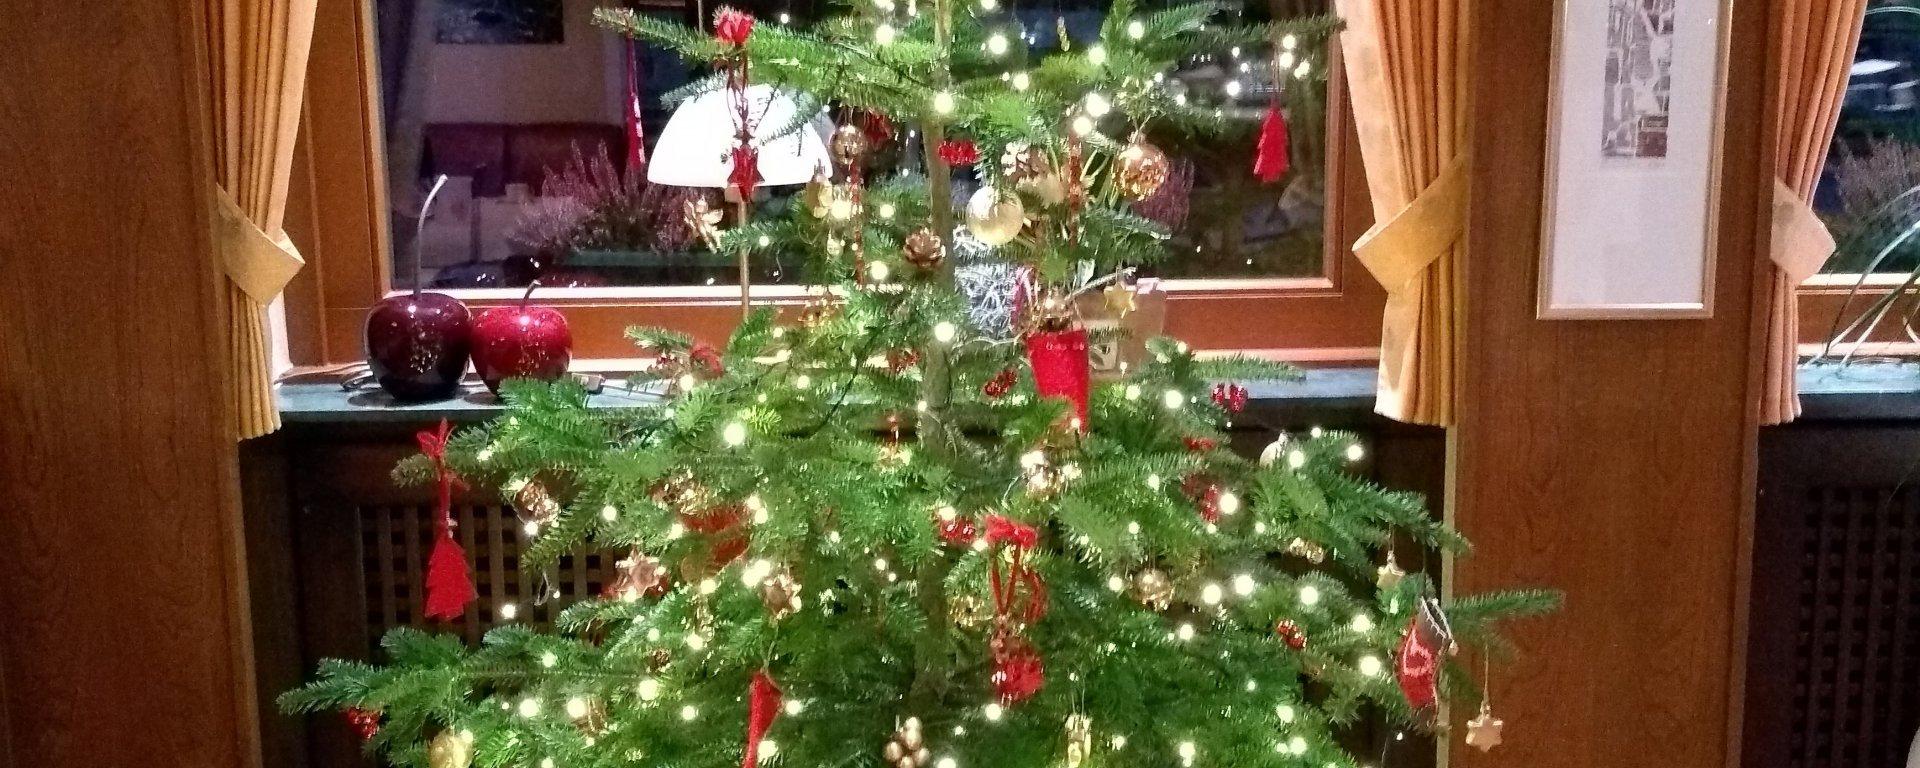 Weihnachten in Ruland, 3 Nächte